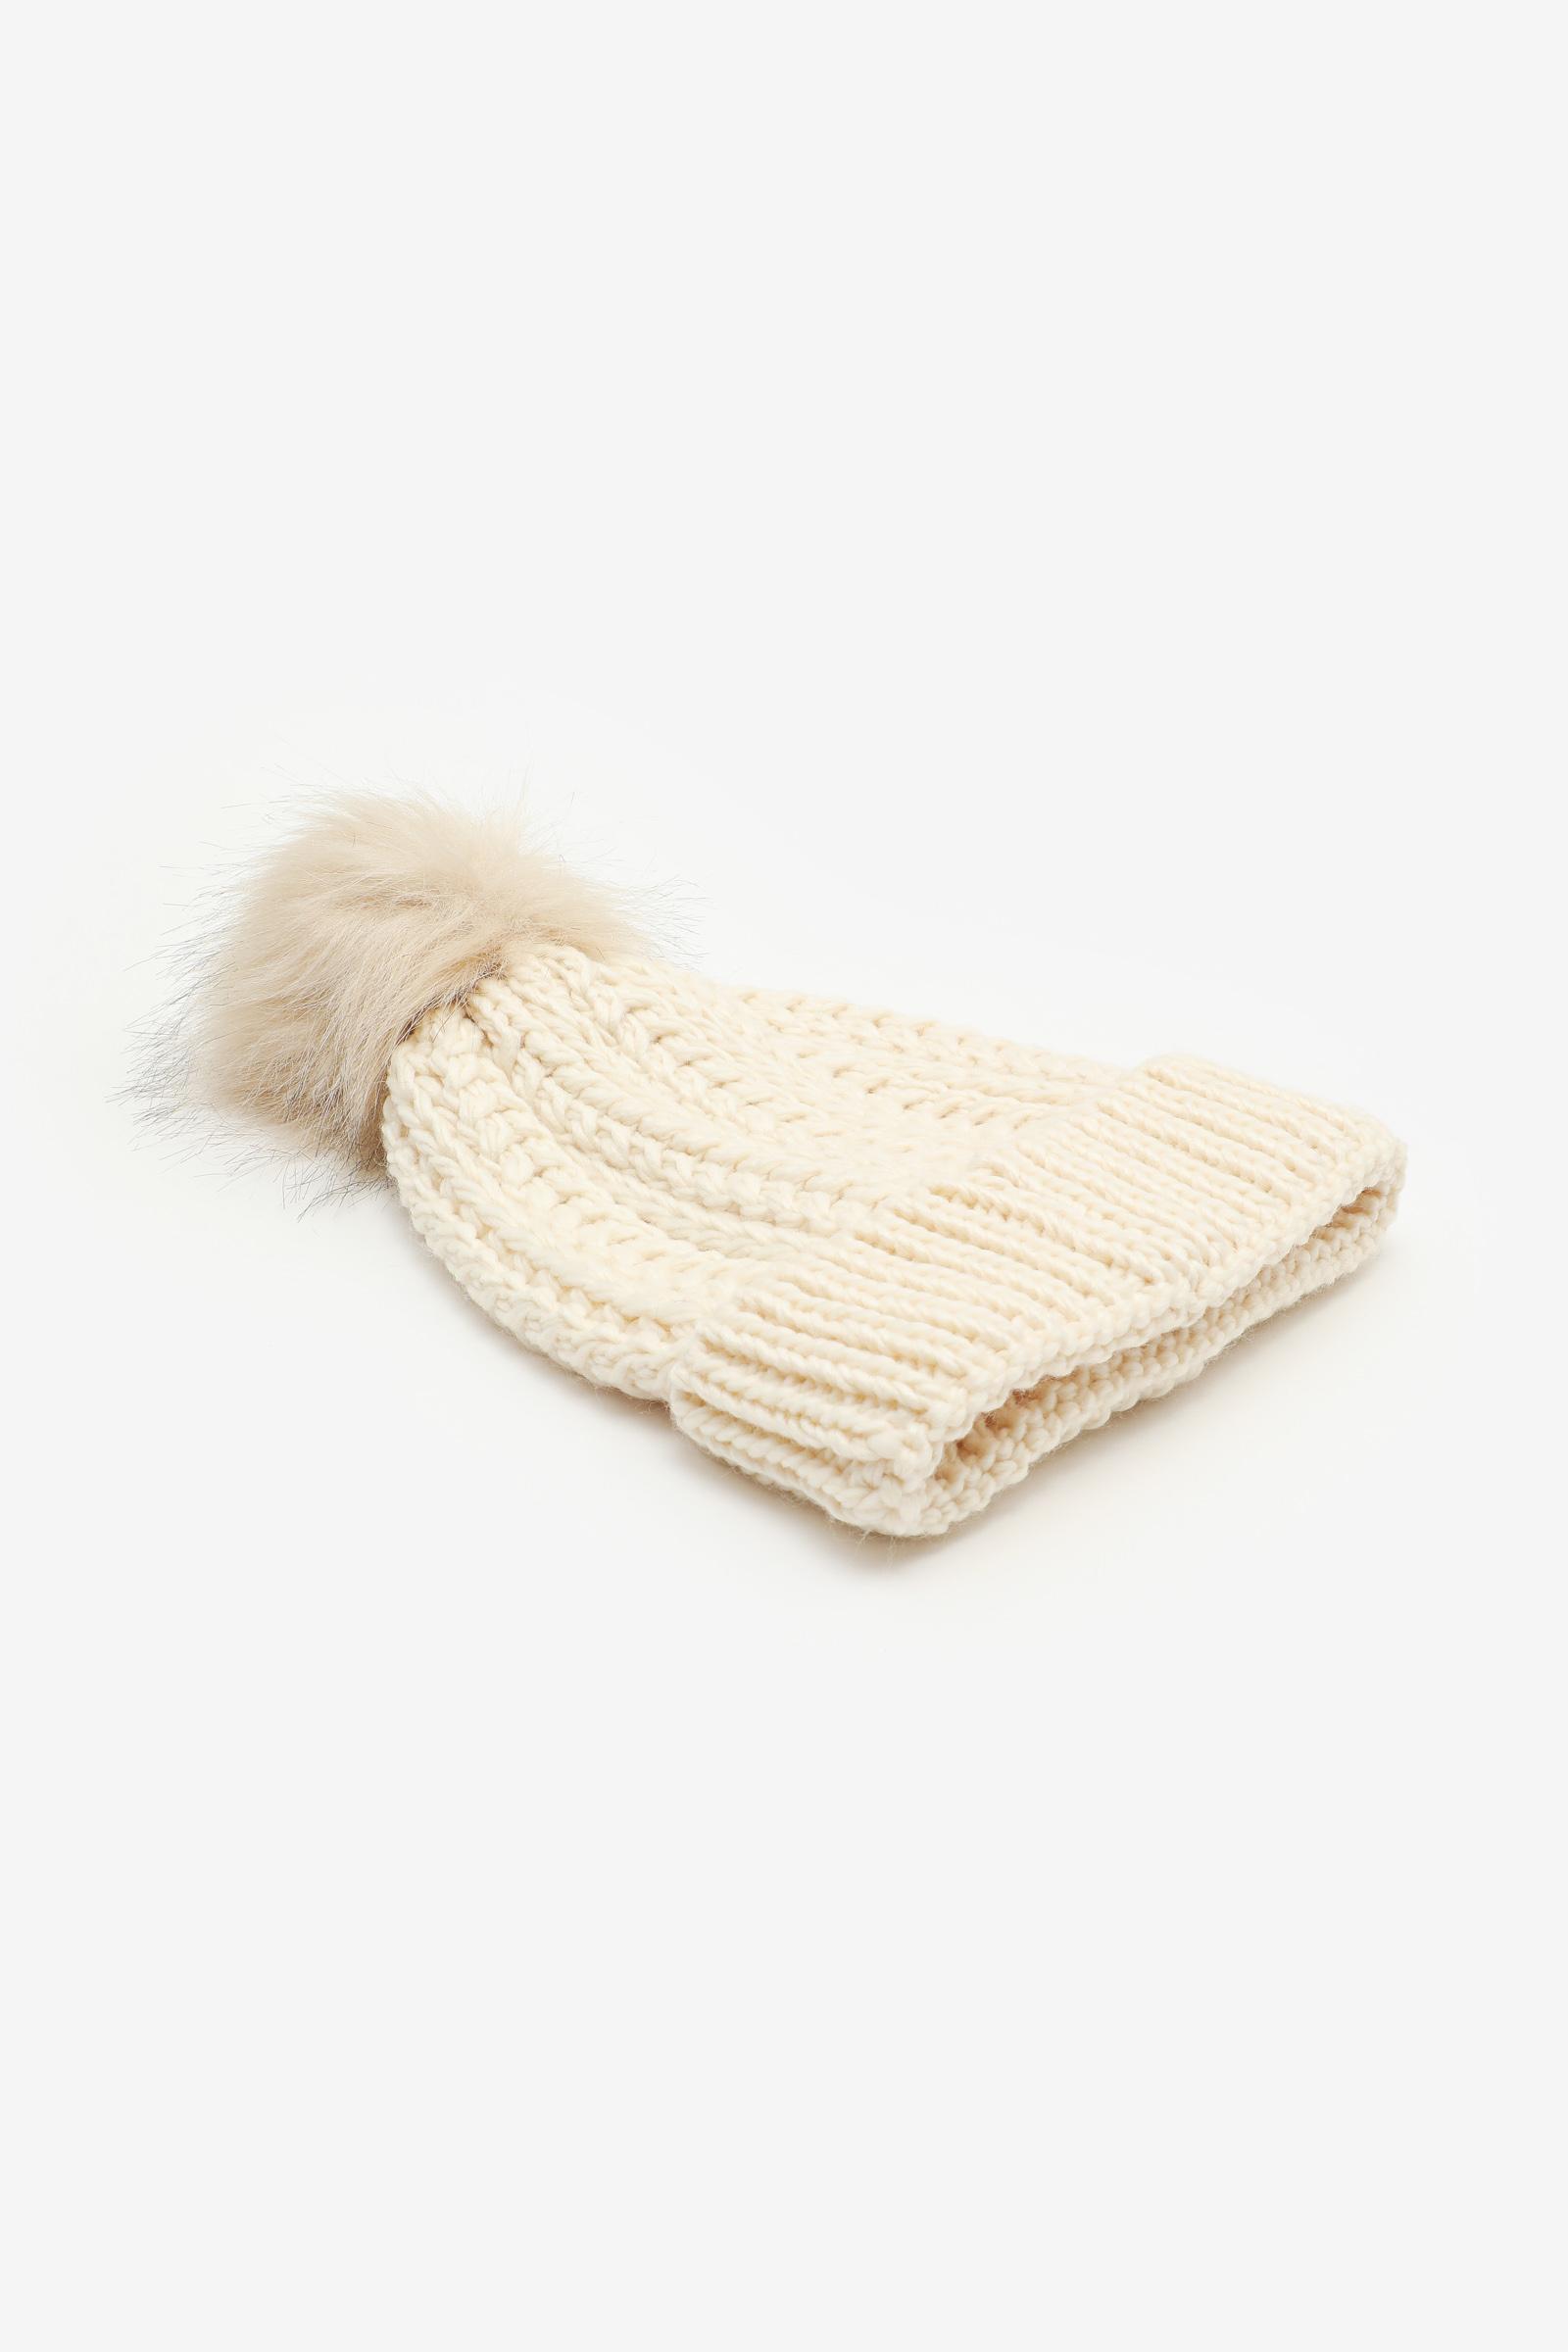 Tuque en tricot côtelé